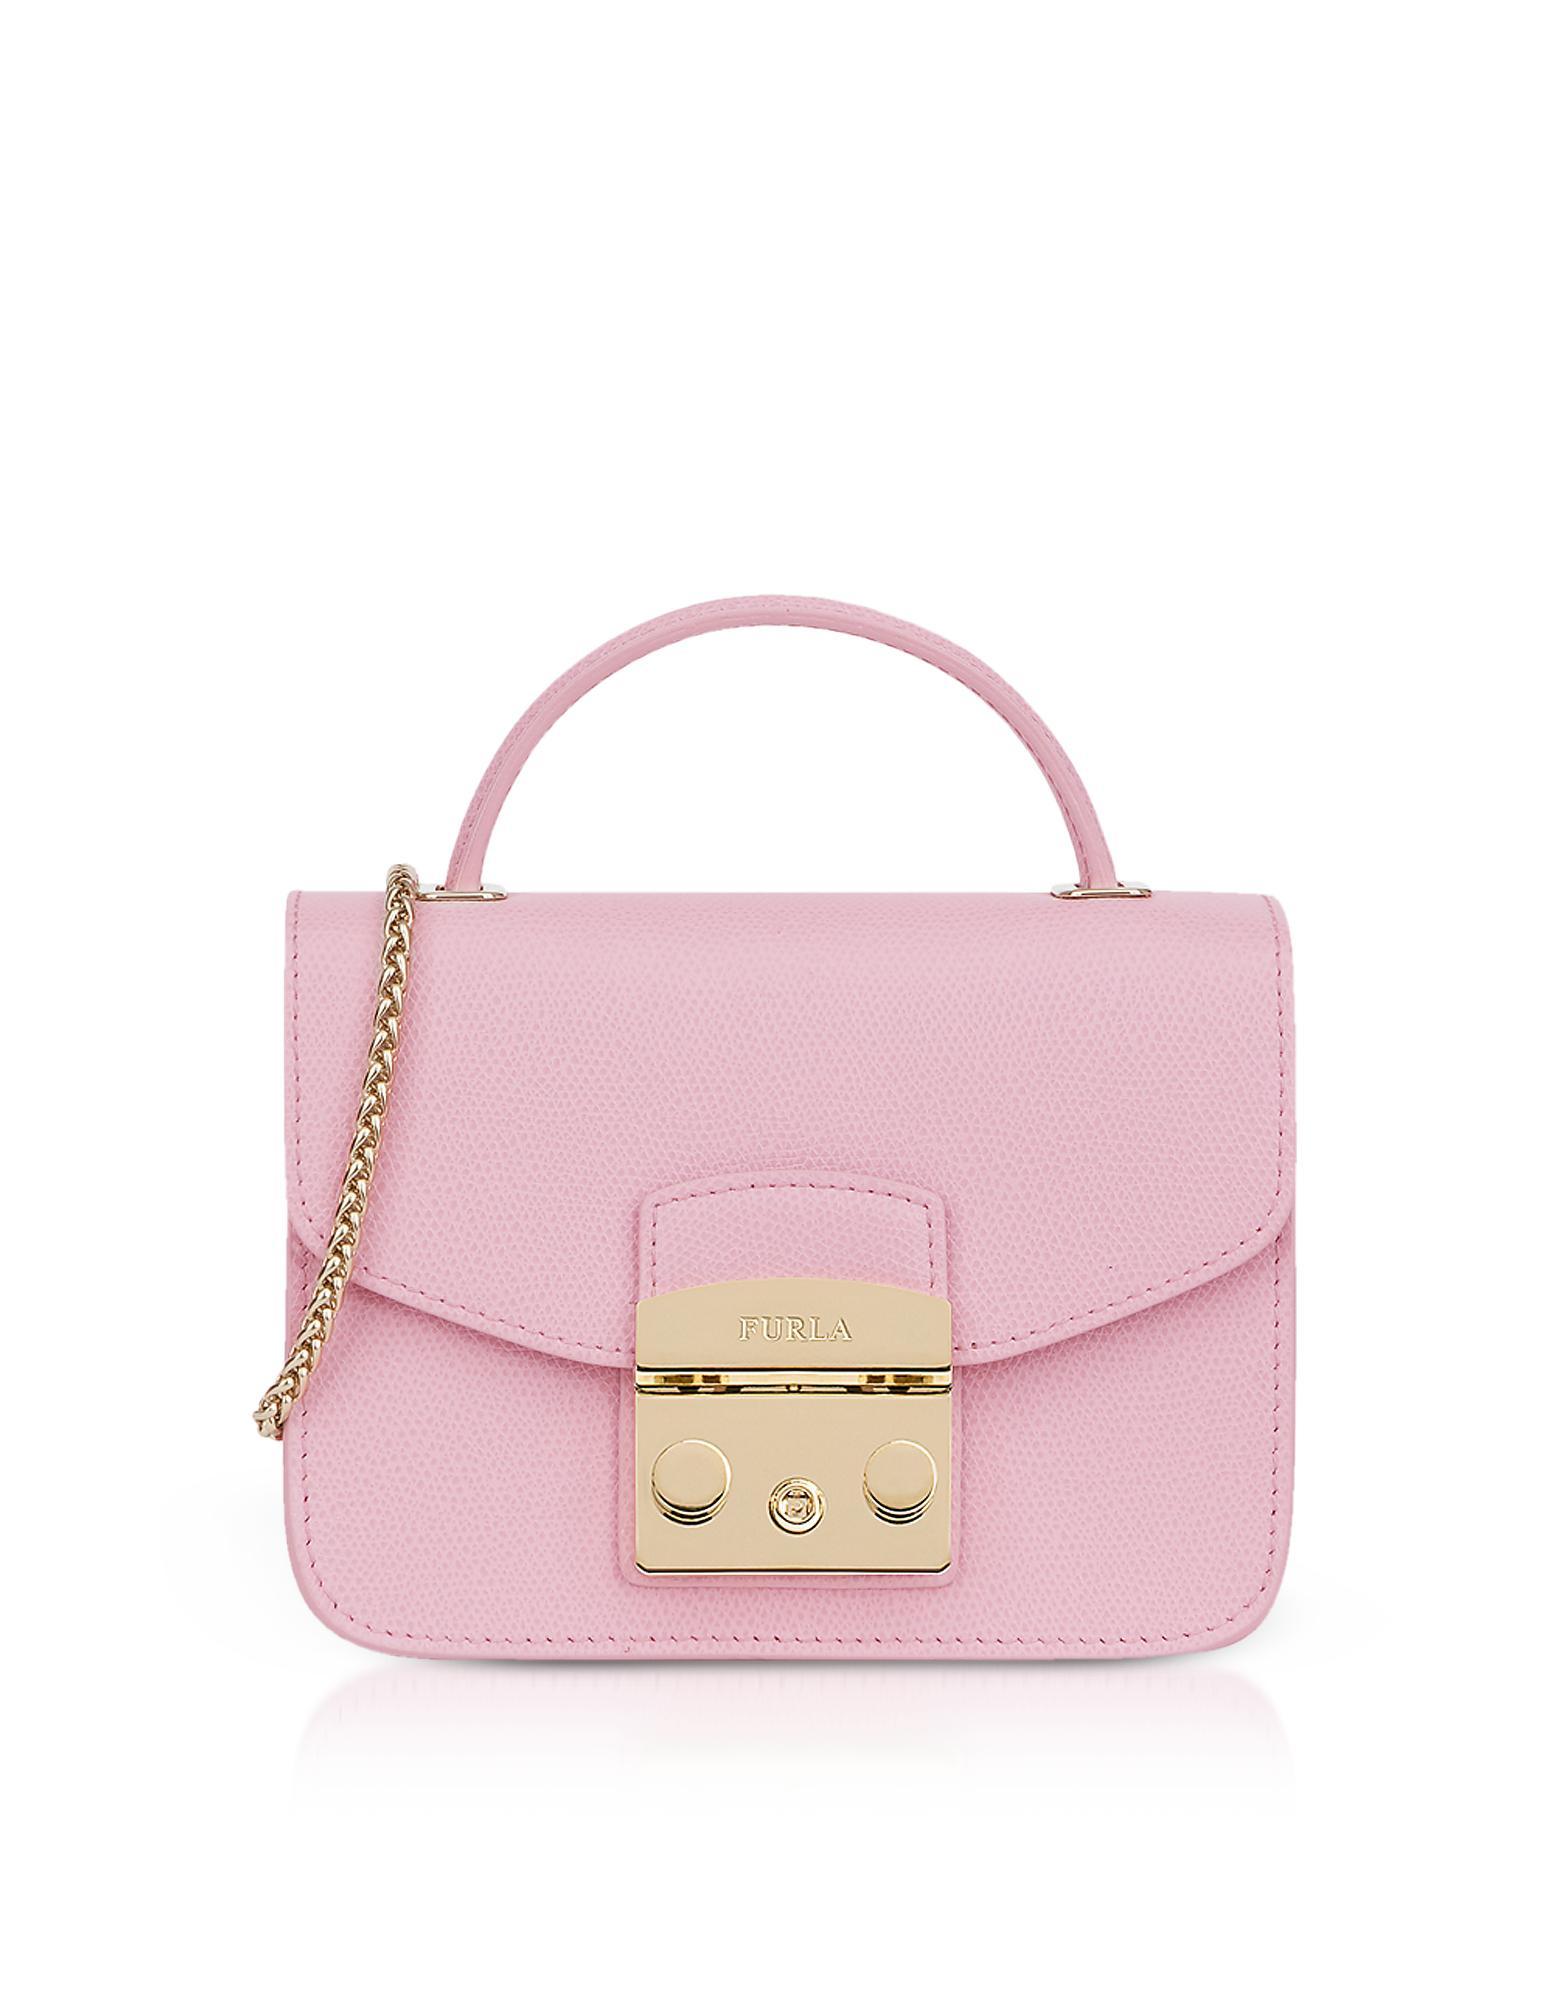 5da4acb4b19 Furla Metropolis Mini Top Handle Crossbody Bag in Pink - Lyst